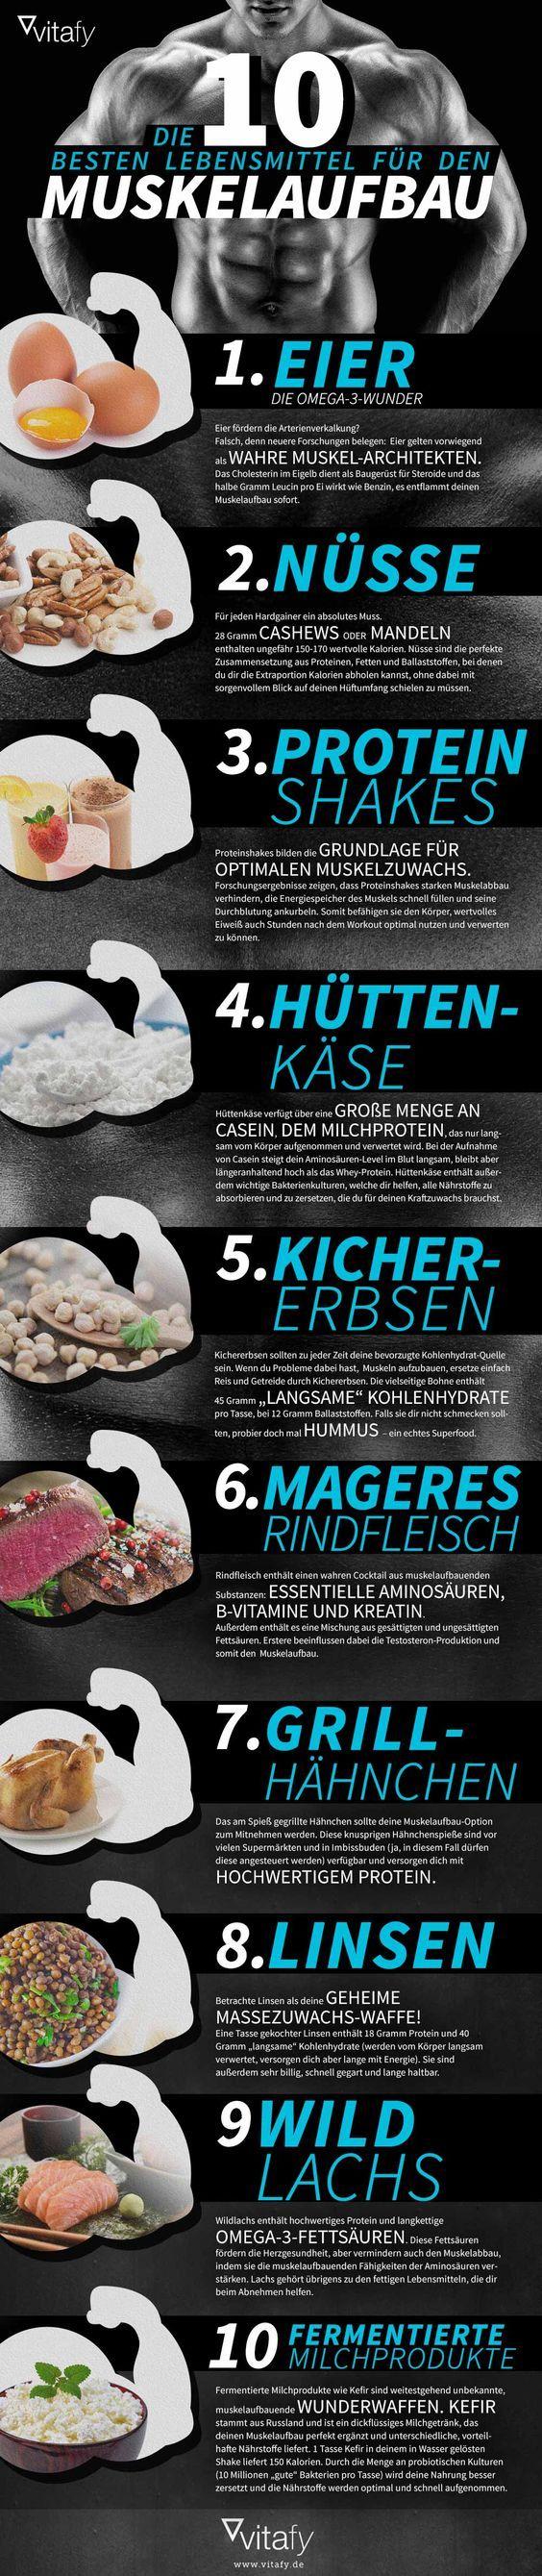 Nüsse, Eier, Wildlachs und Co.: Wenn du diese 10 Lebensmittel in deinen Ernährungsplan integrierst, wird dein Muskelaufbau unterstützt. Wir erklären, warum.: